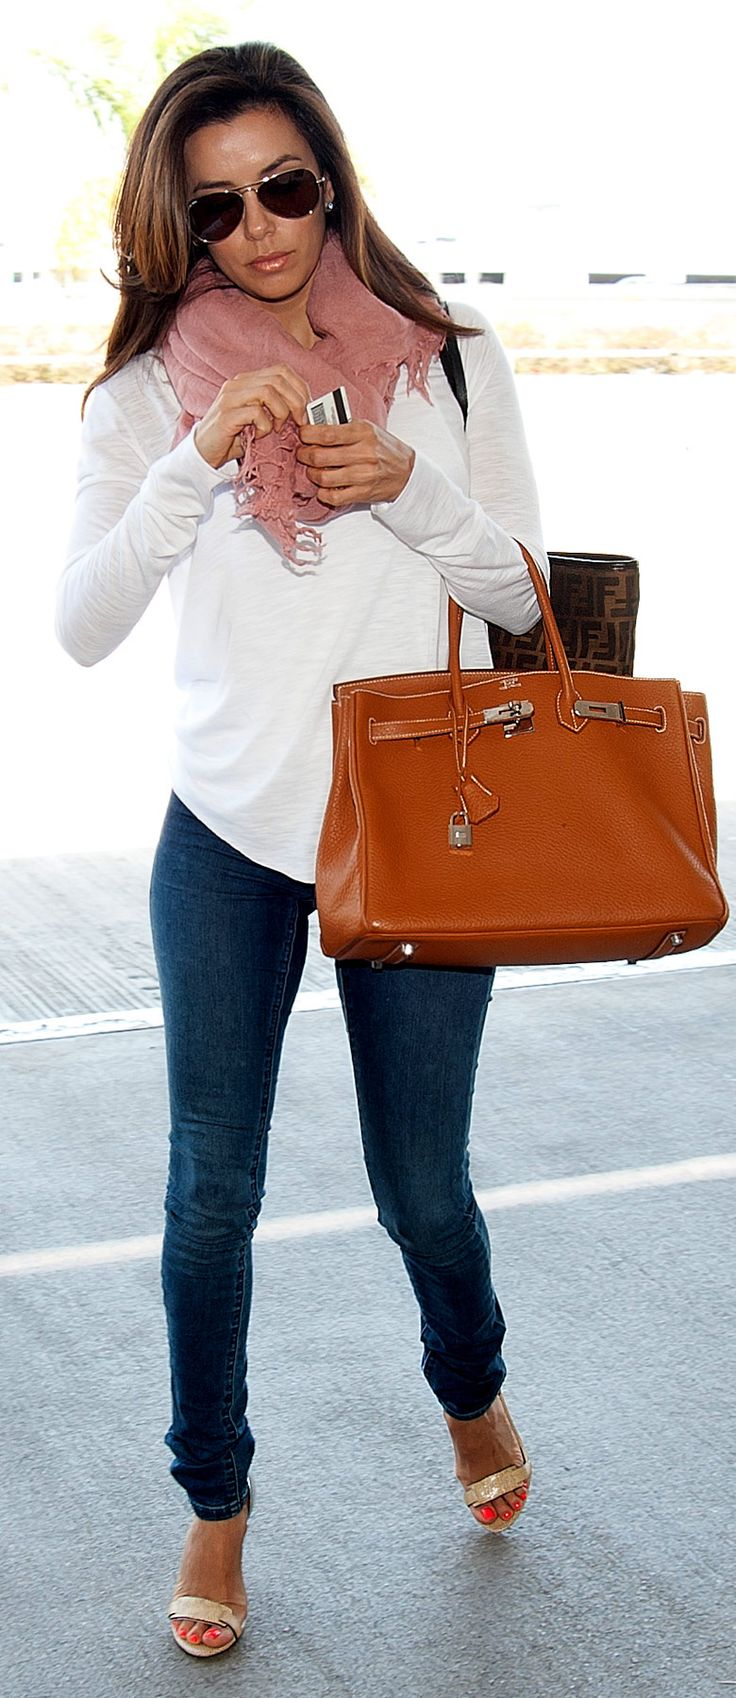 Eva Longoria arrives at JFK Airport in NYC.  April 5, 2012. Casual